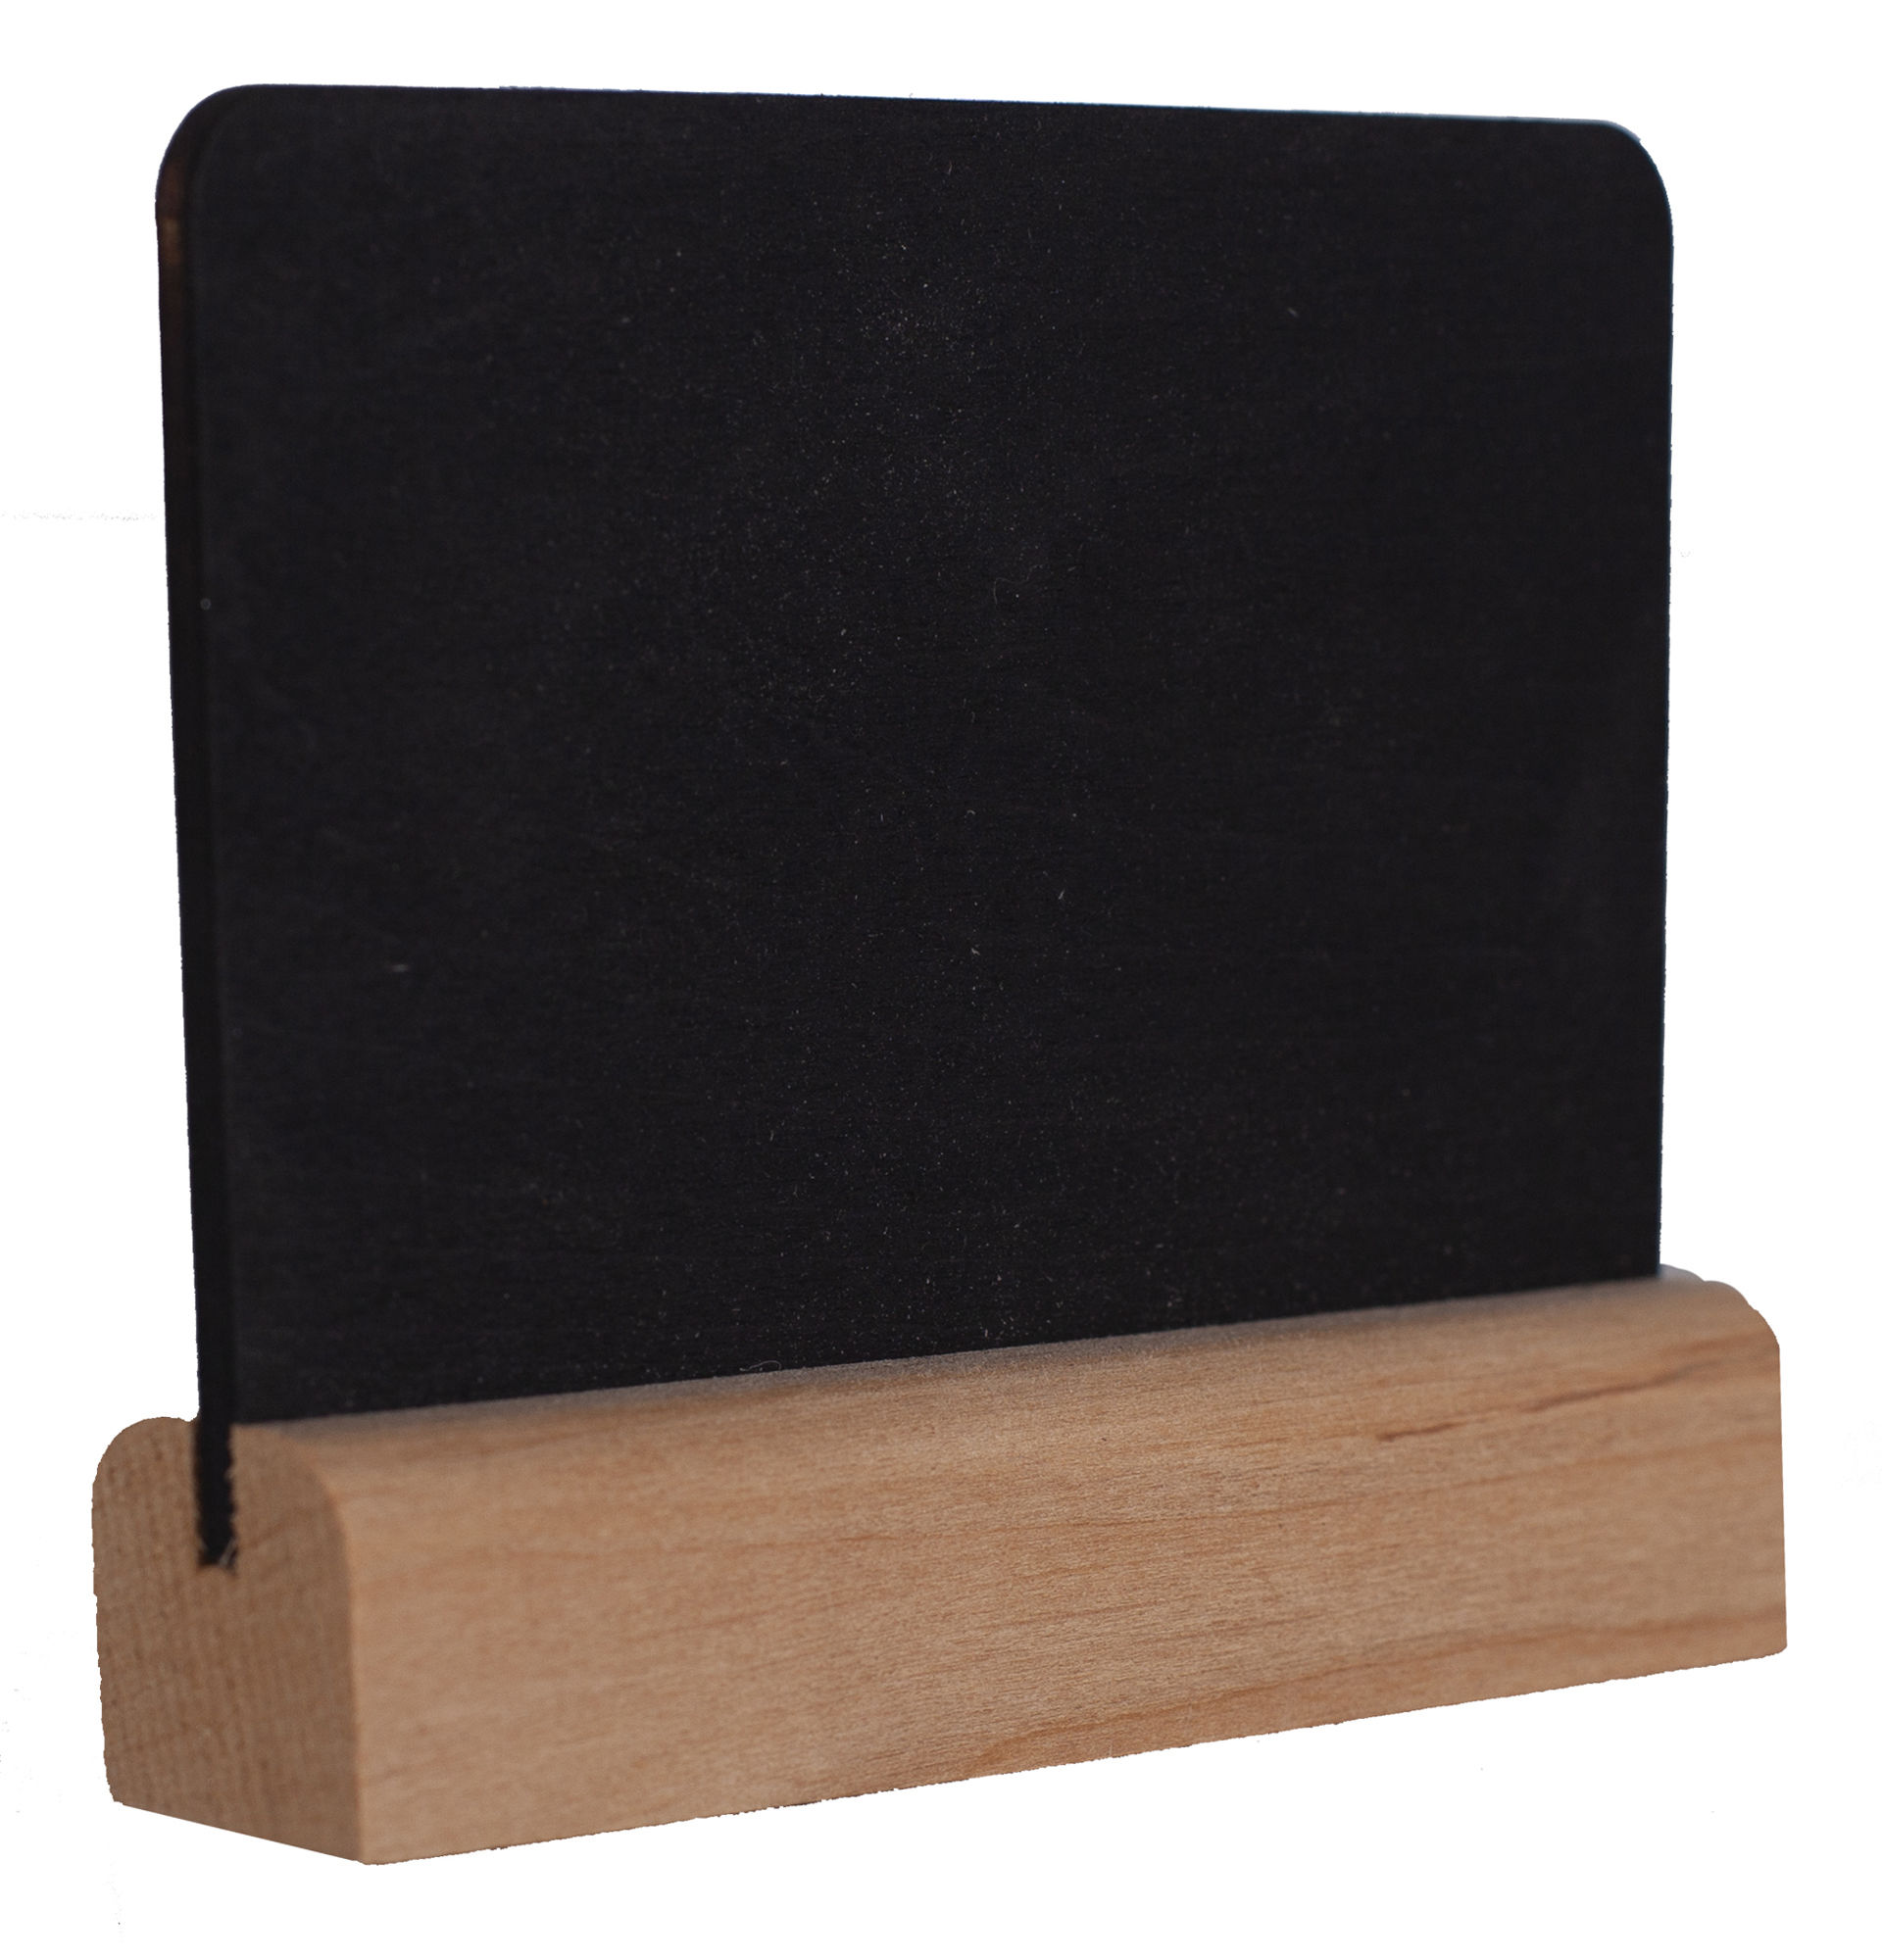 меловая подставка А4 на деревянной подставке оптом